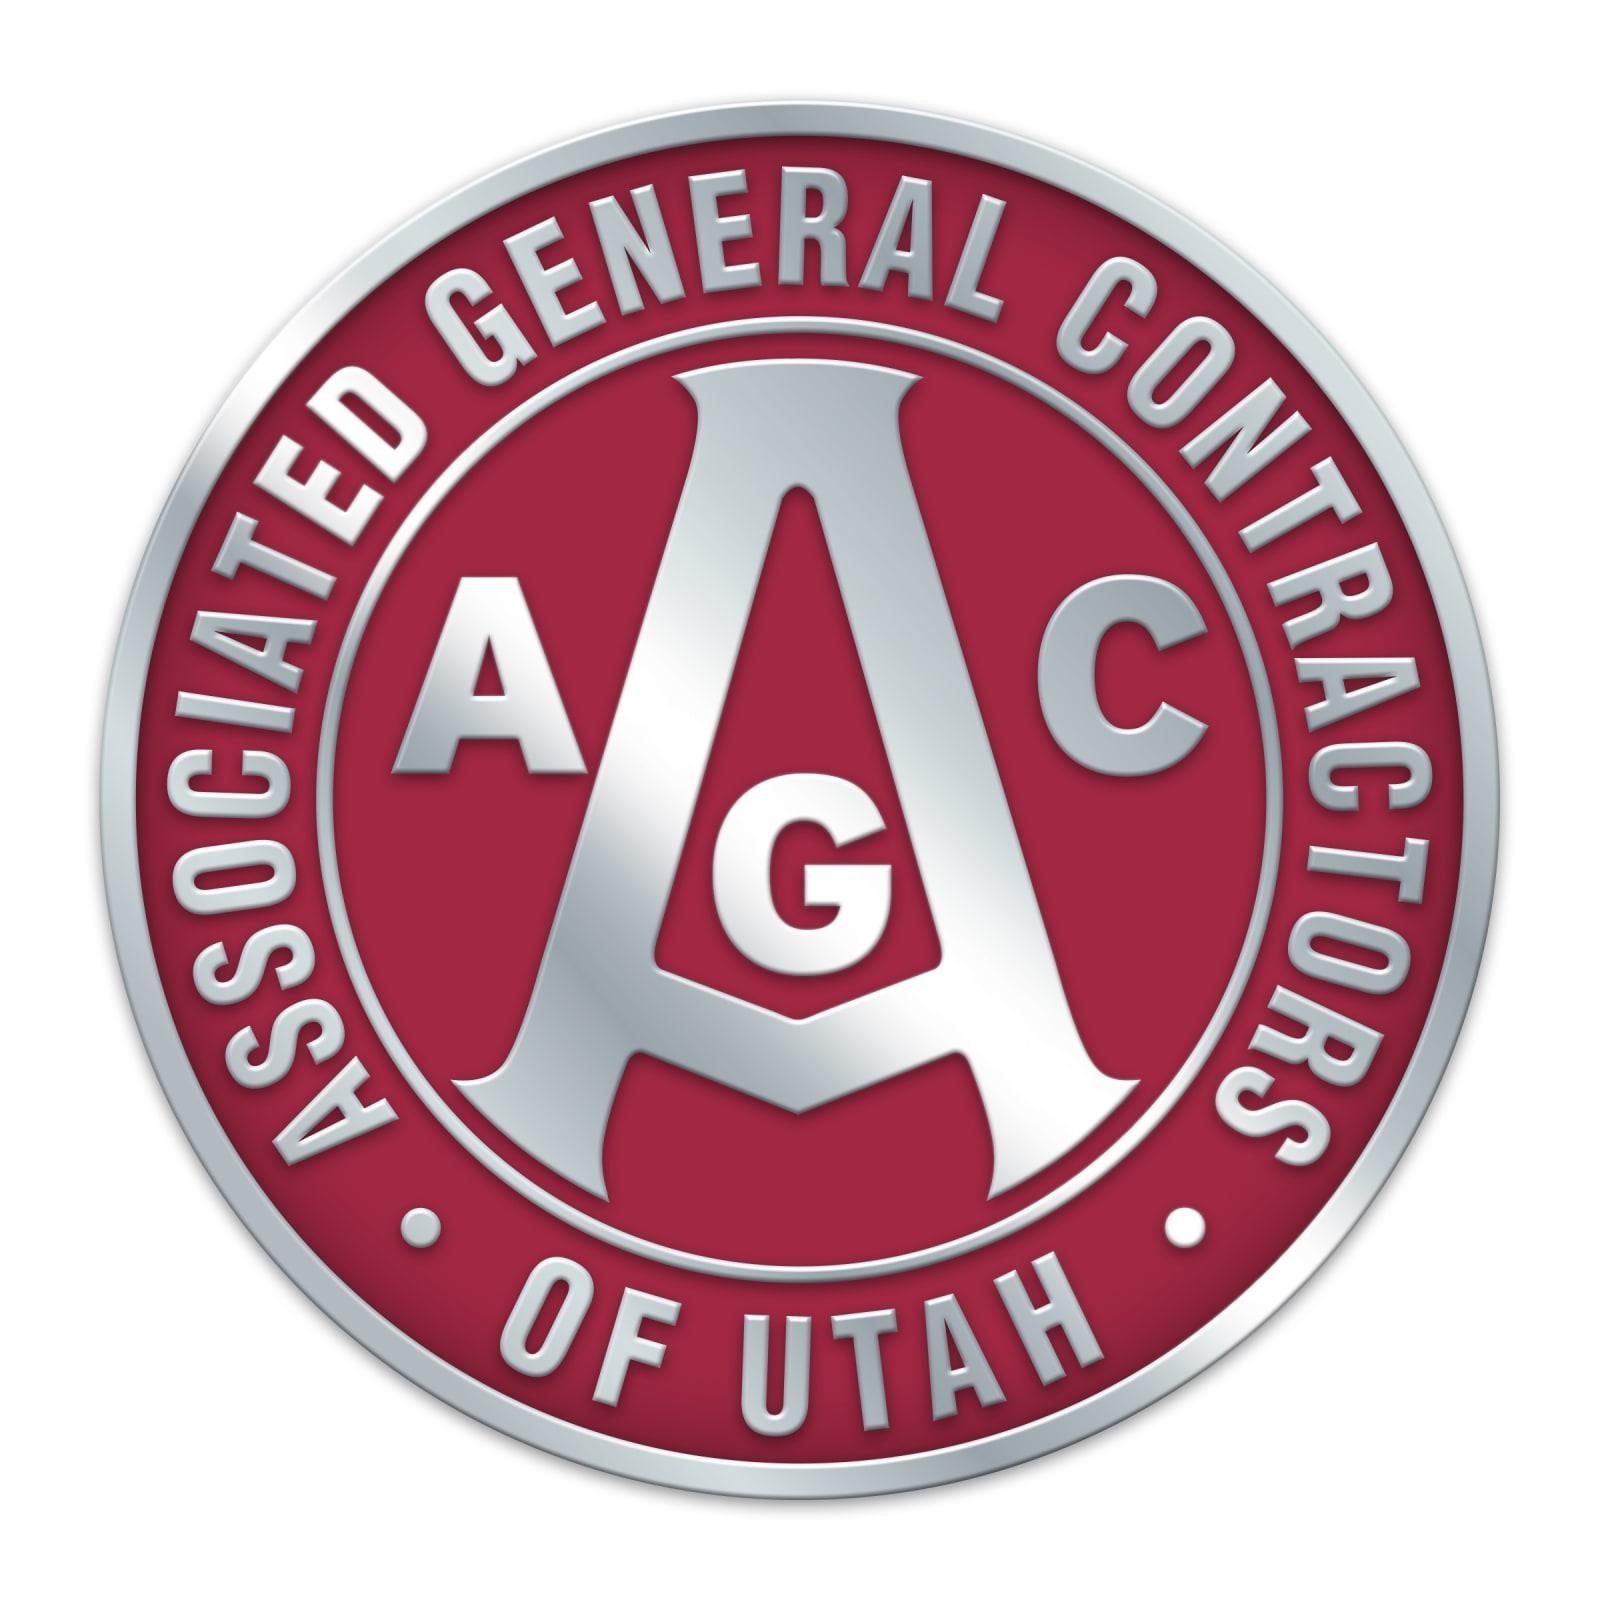 Home - Associated General Contractors of Utah, UTAH